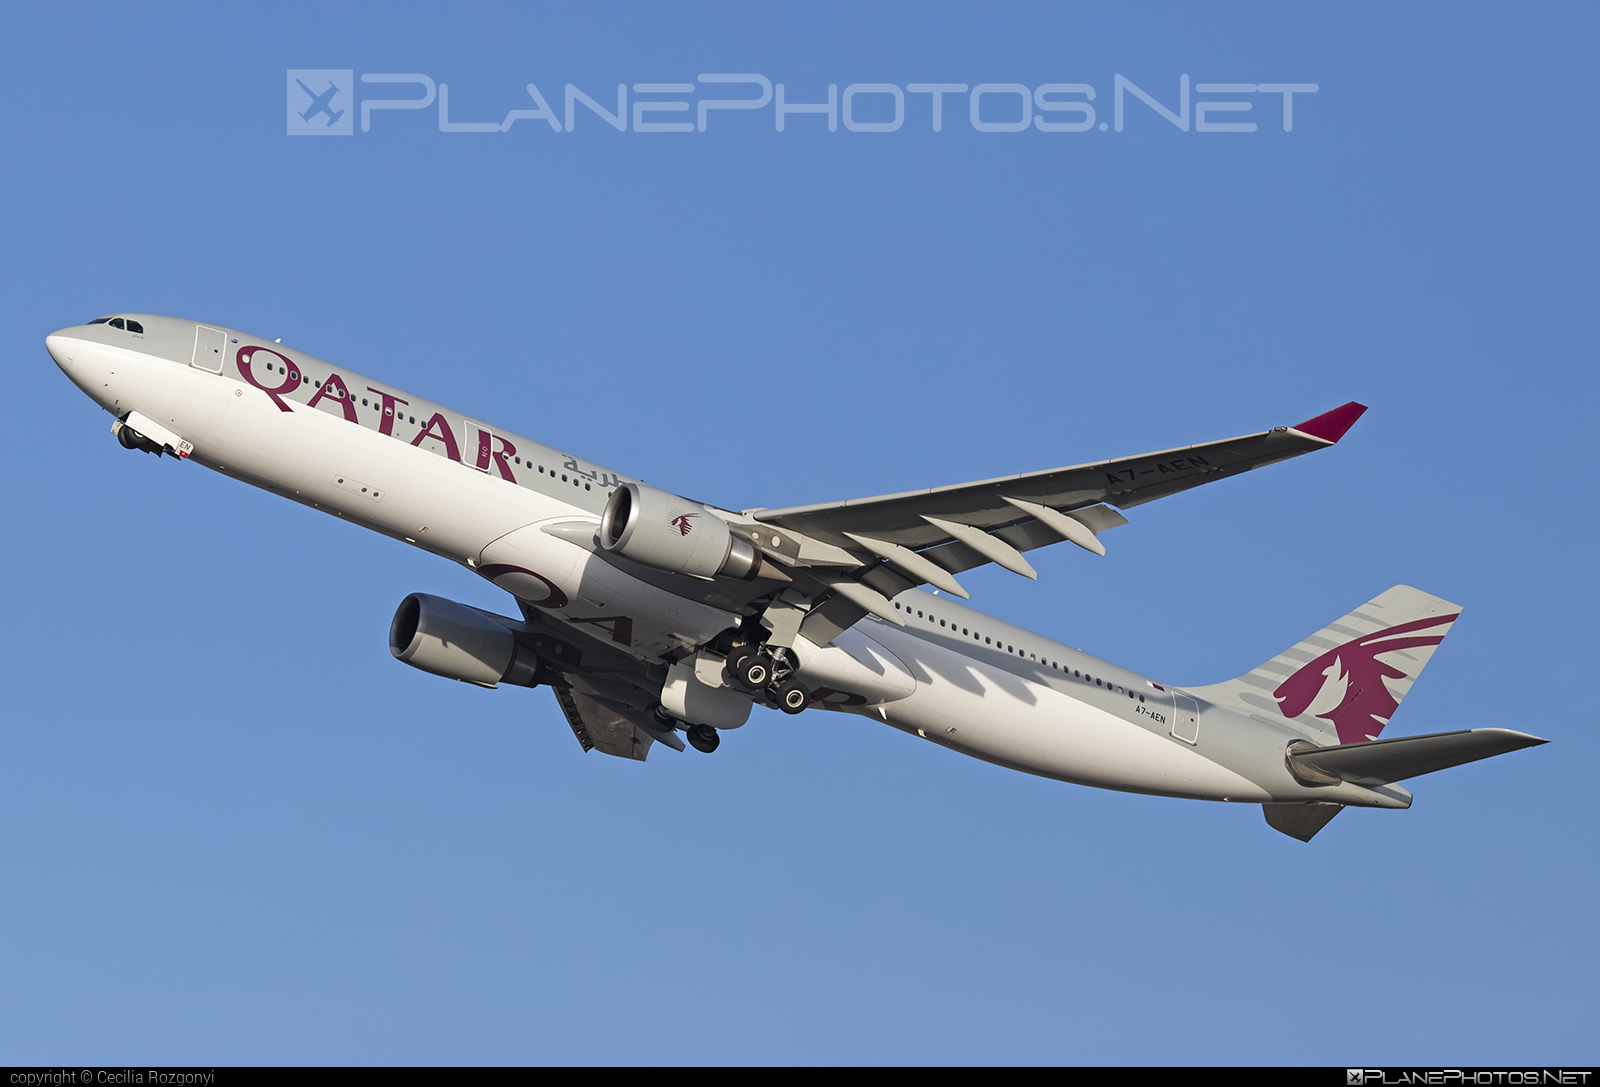 Airbus A330-302 - A7-AEN operated by Qatar Airways #a330 #a330family #airbus #airbus330 #qatarairways